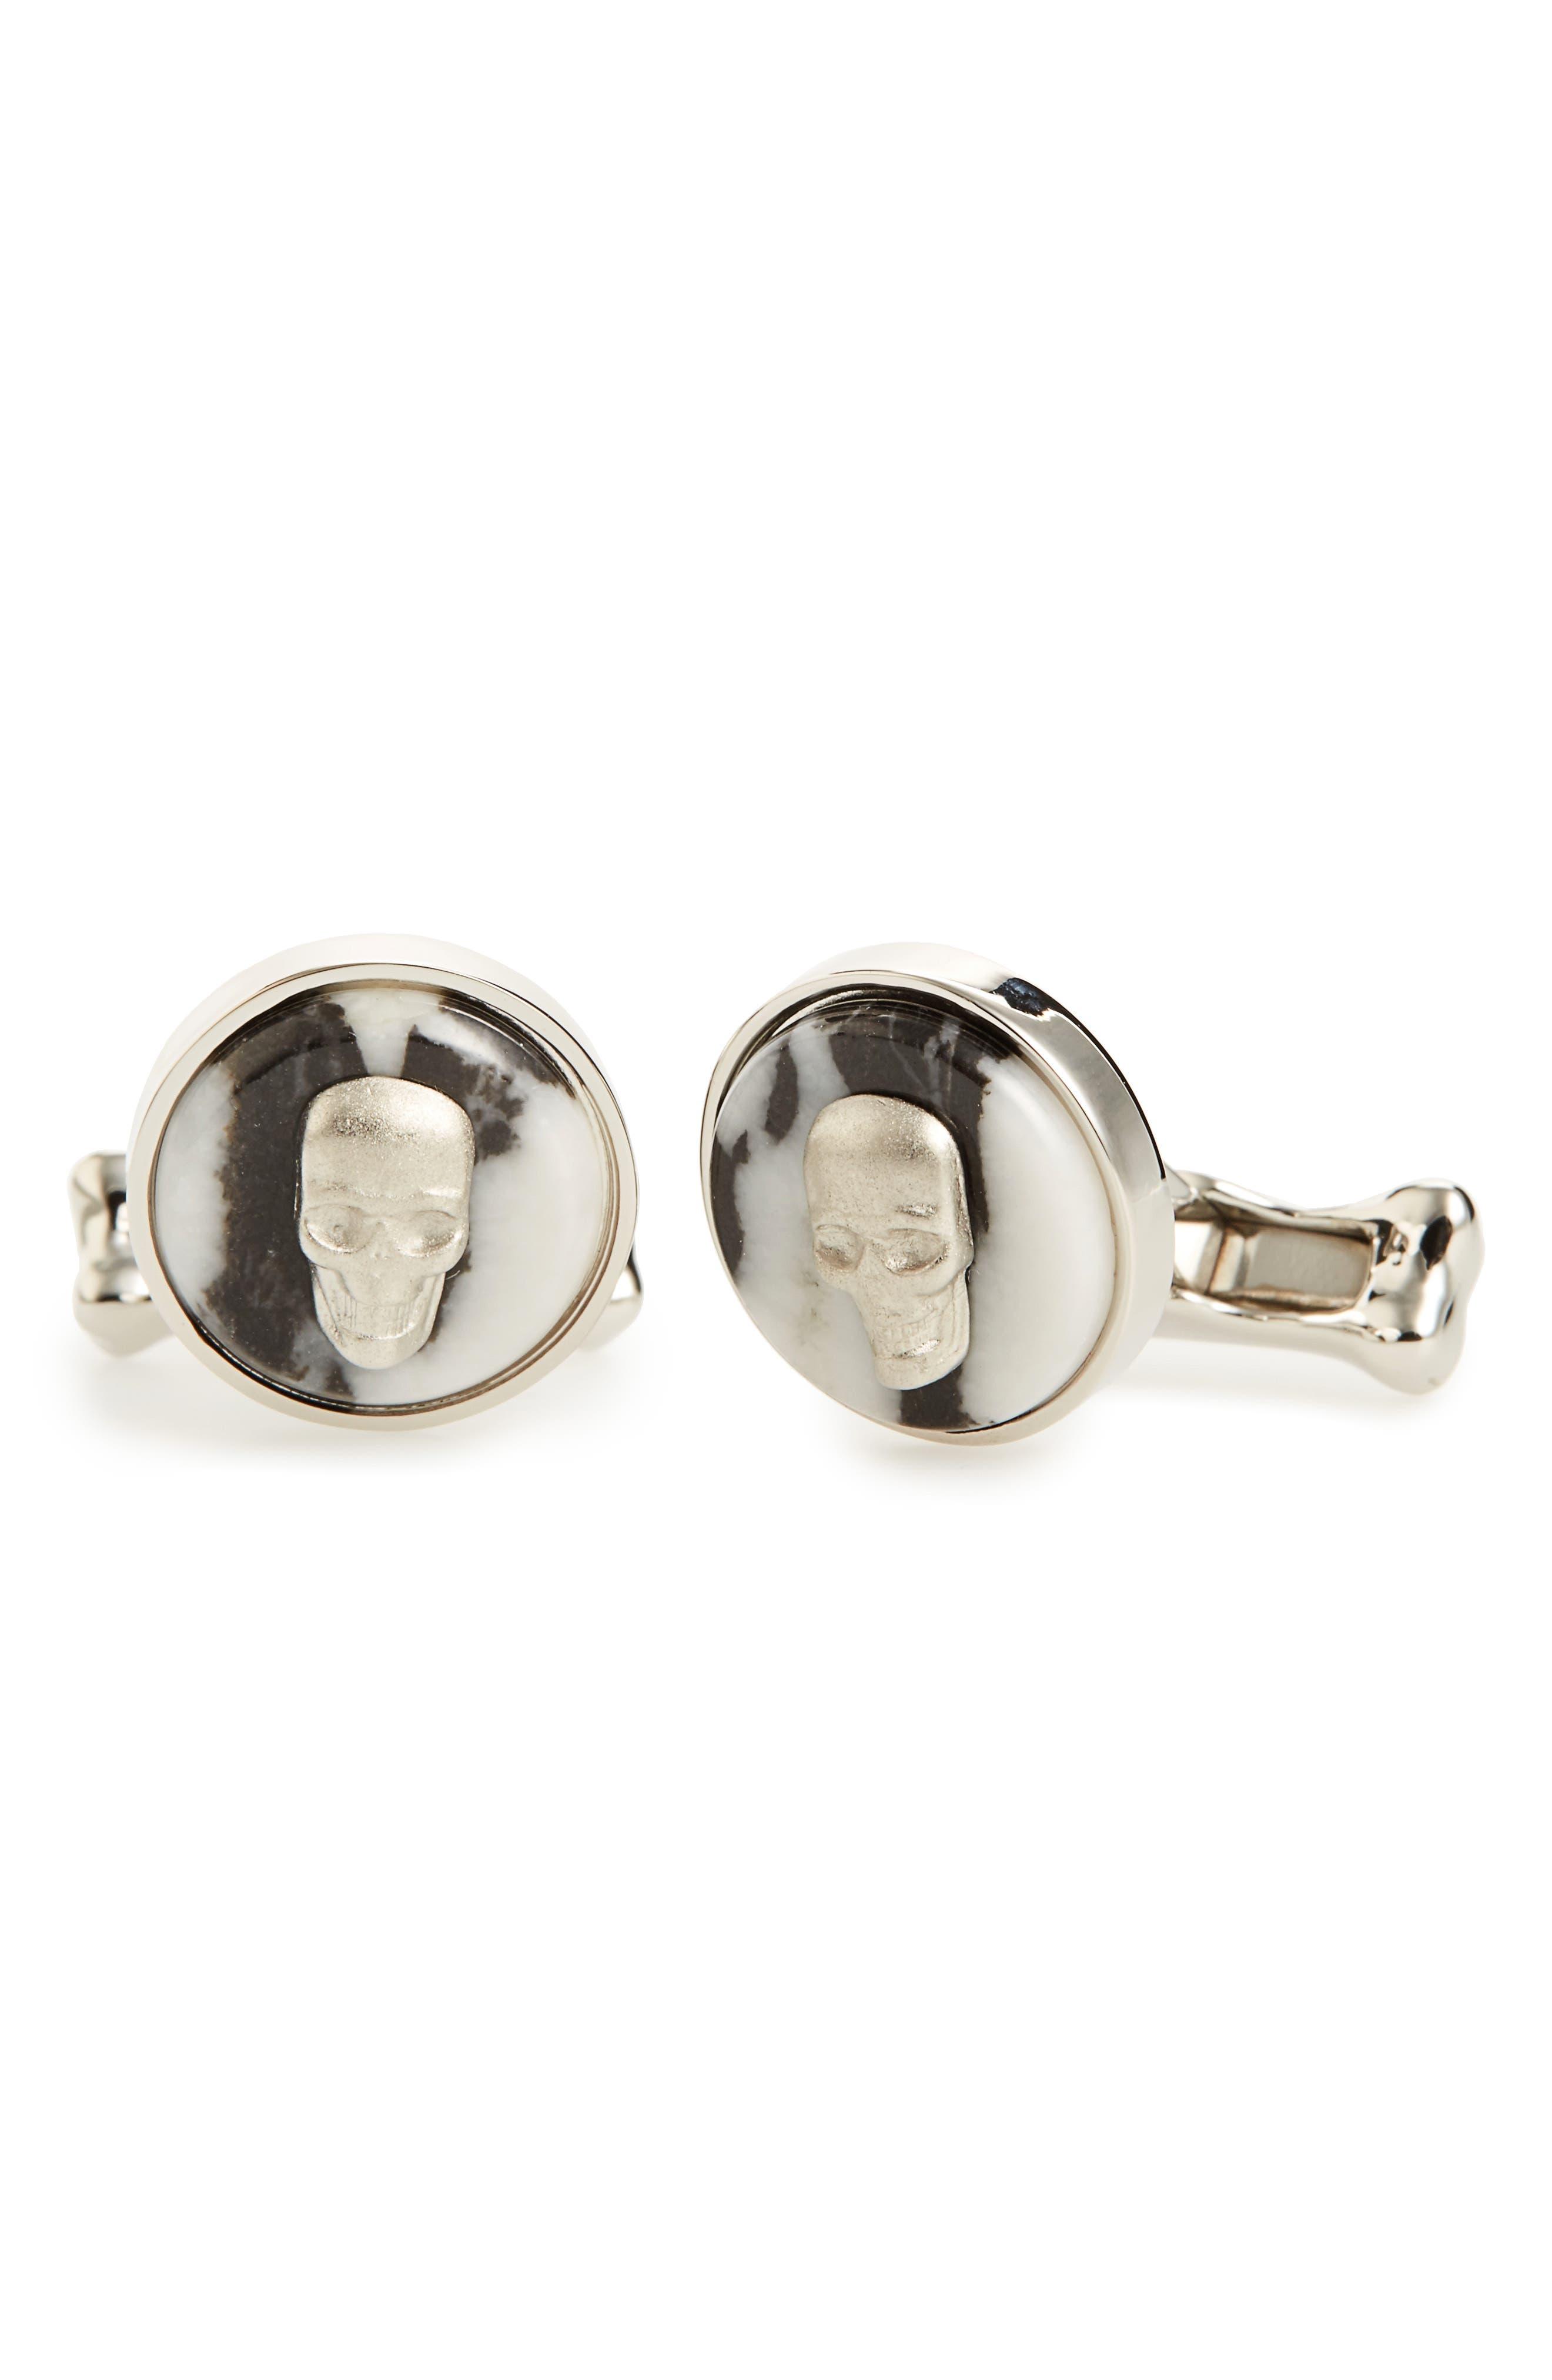 Alexander McQueen Skull Cuff Links